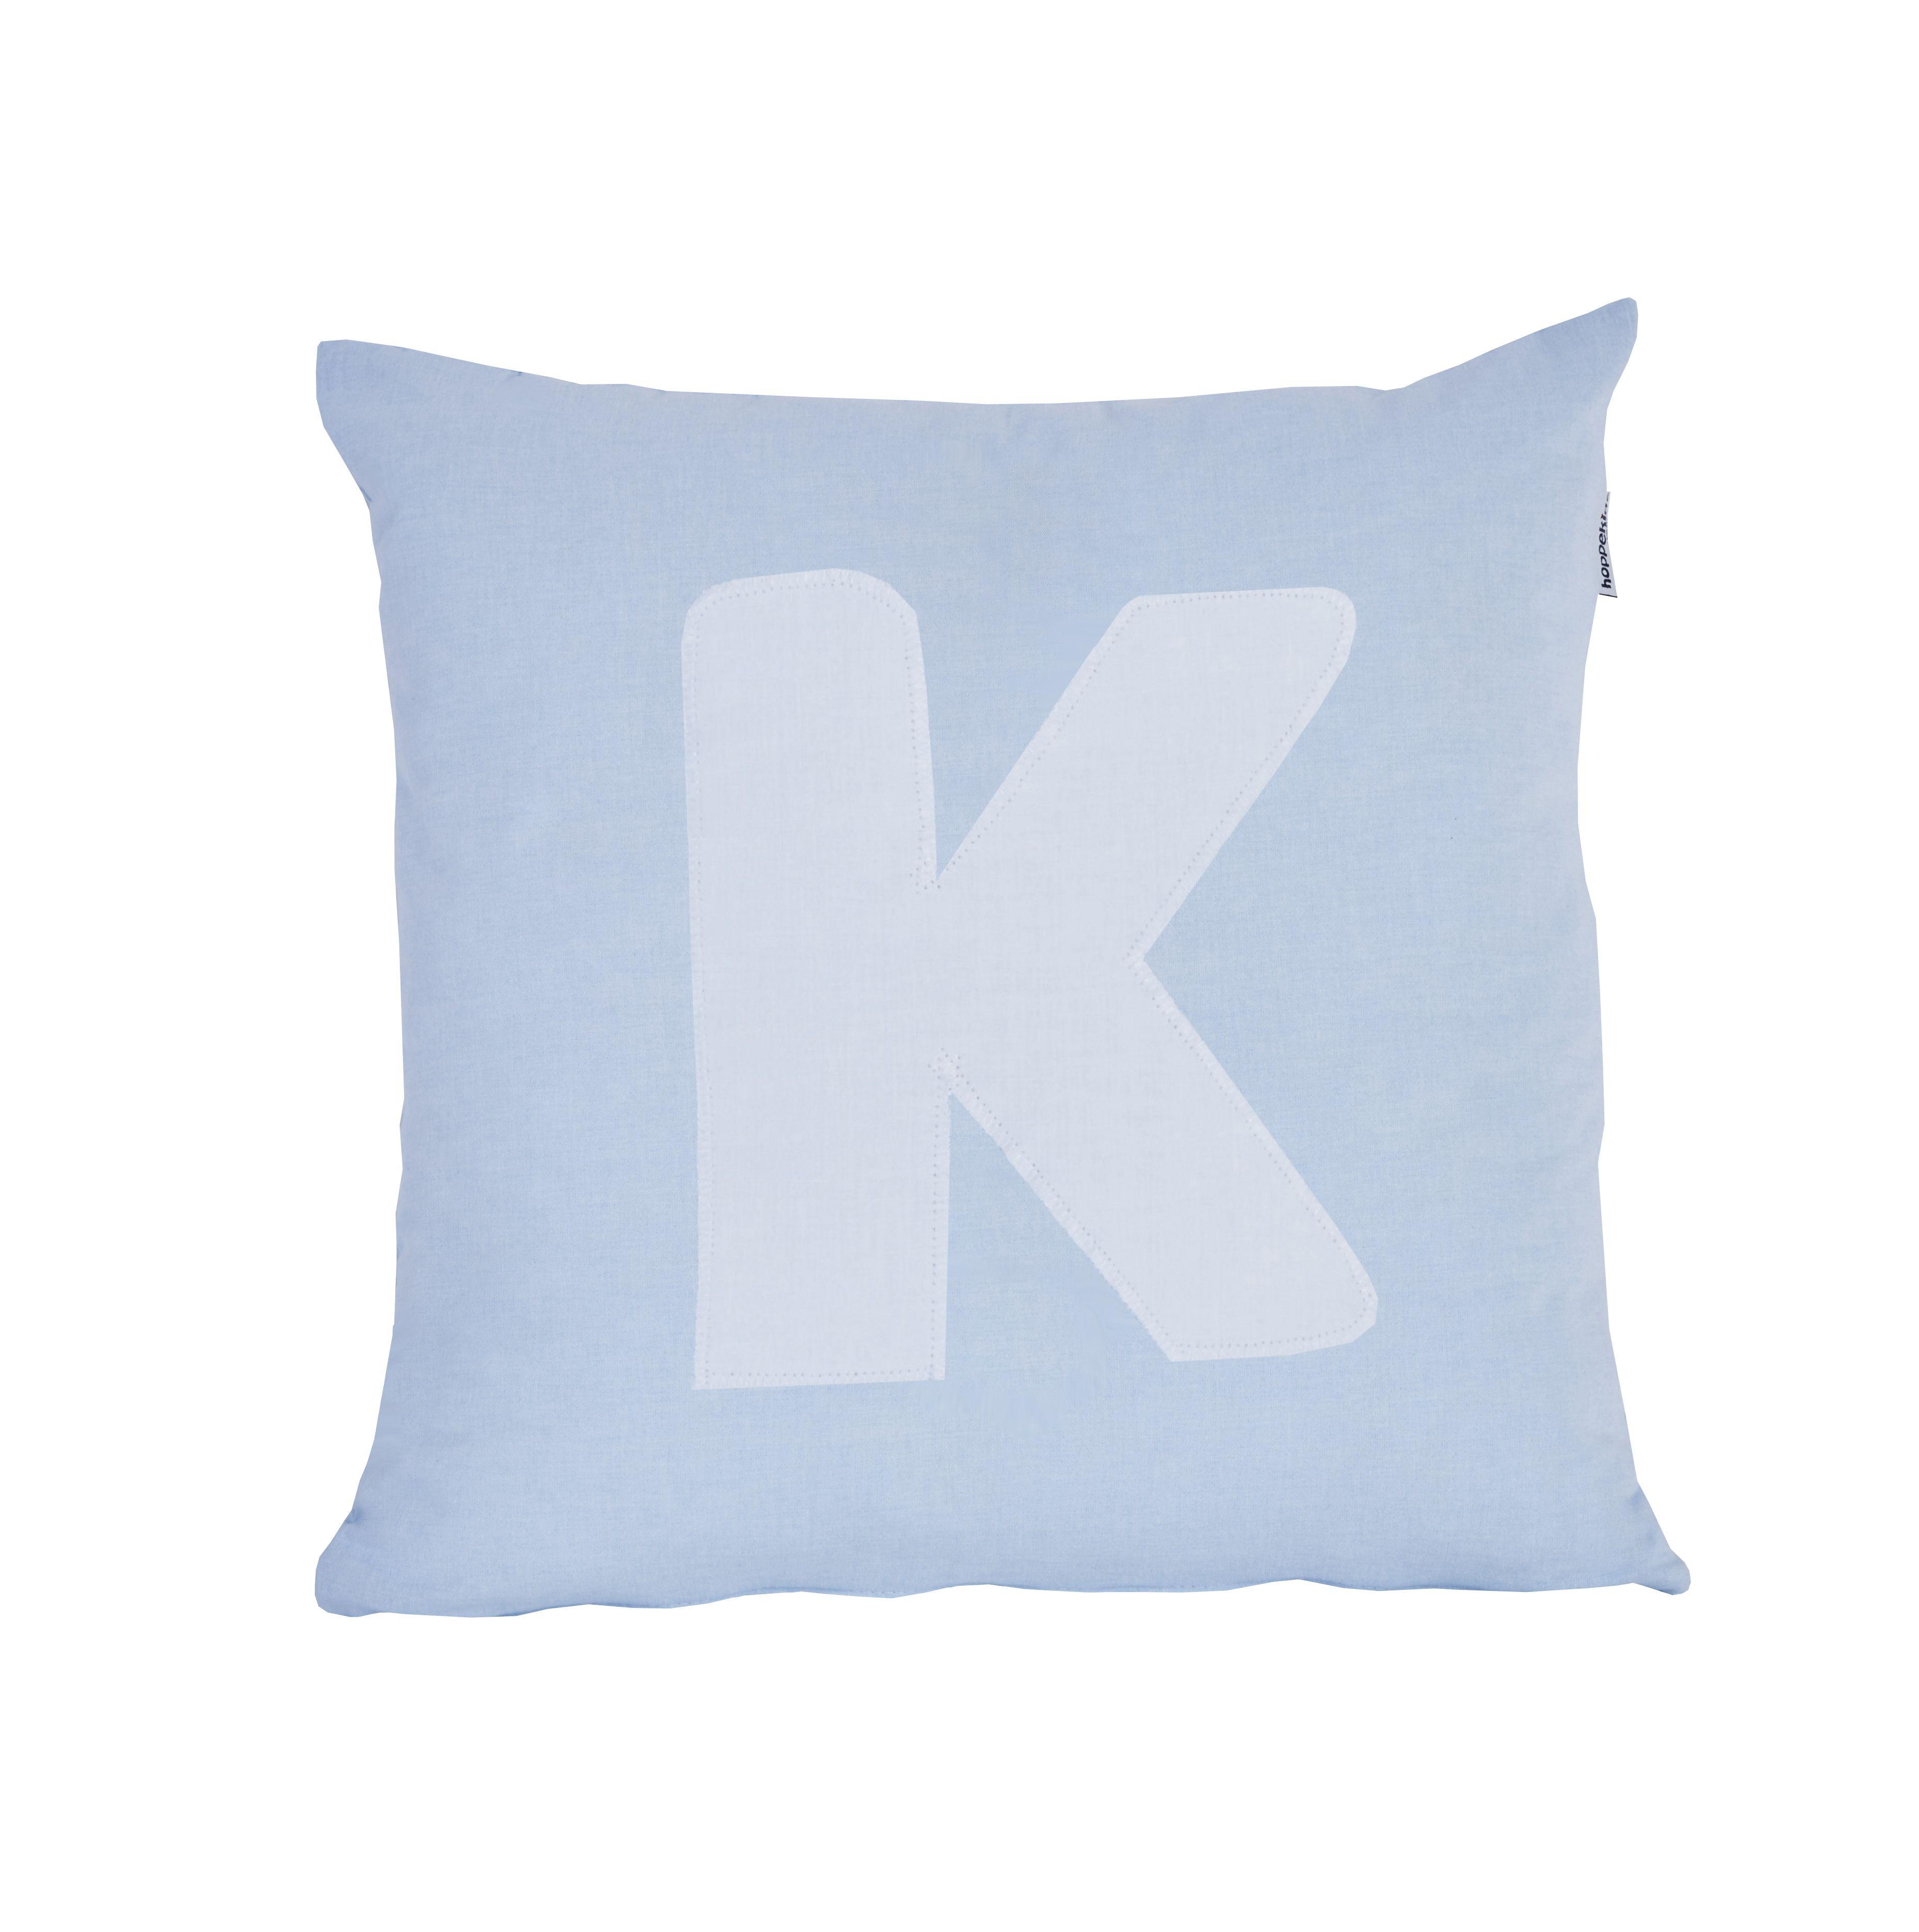 Image of Pude Alphabet K lyseblå fra Hoppekids (36-4650-LB-011)